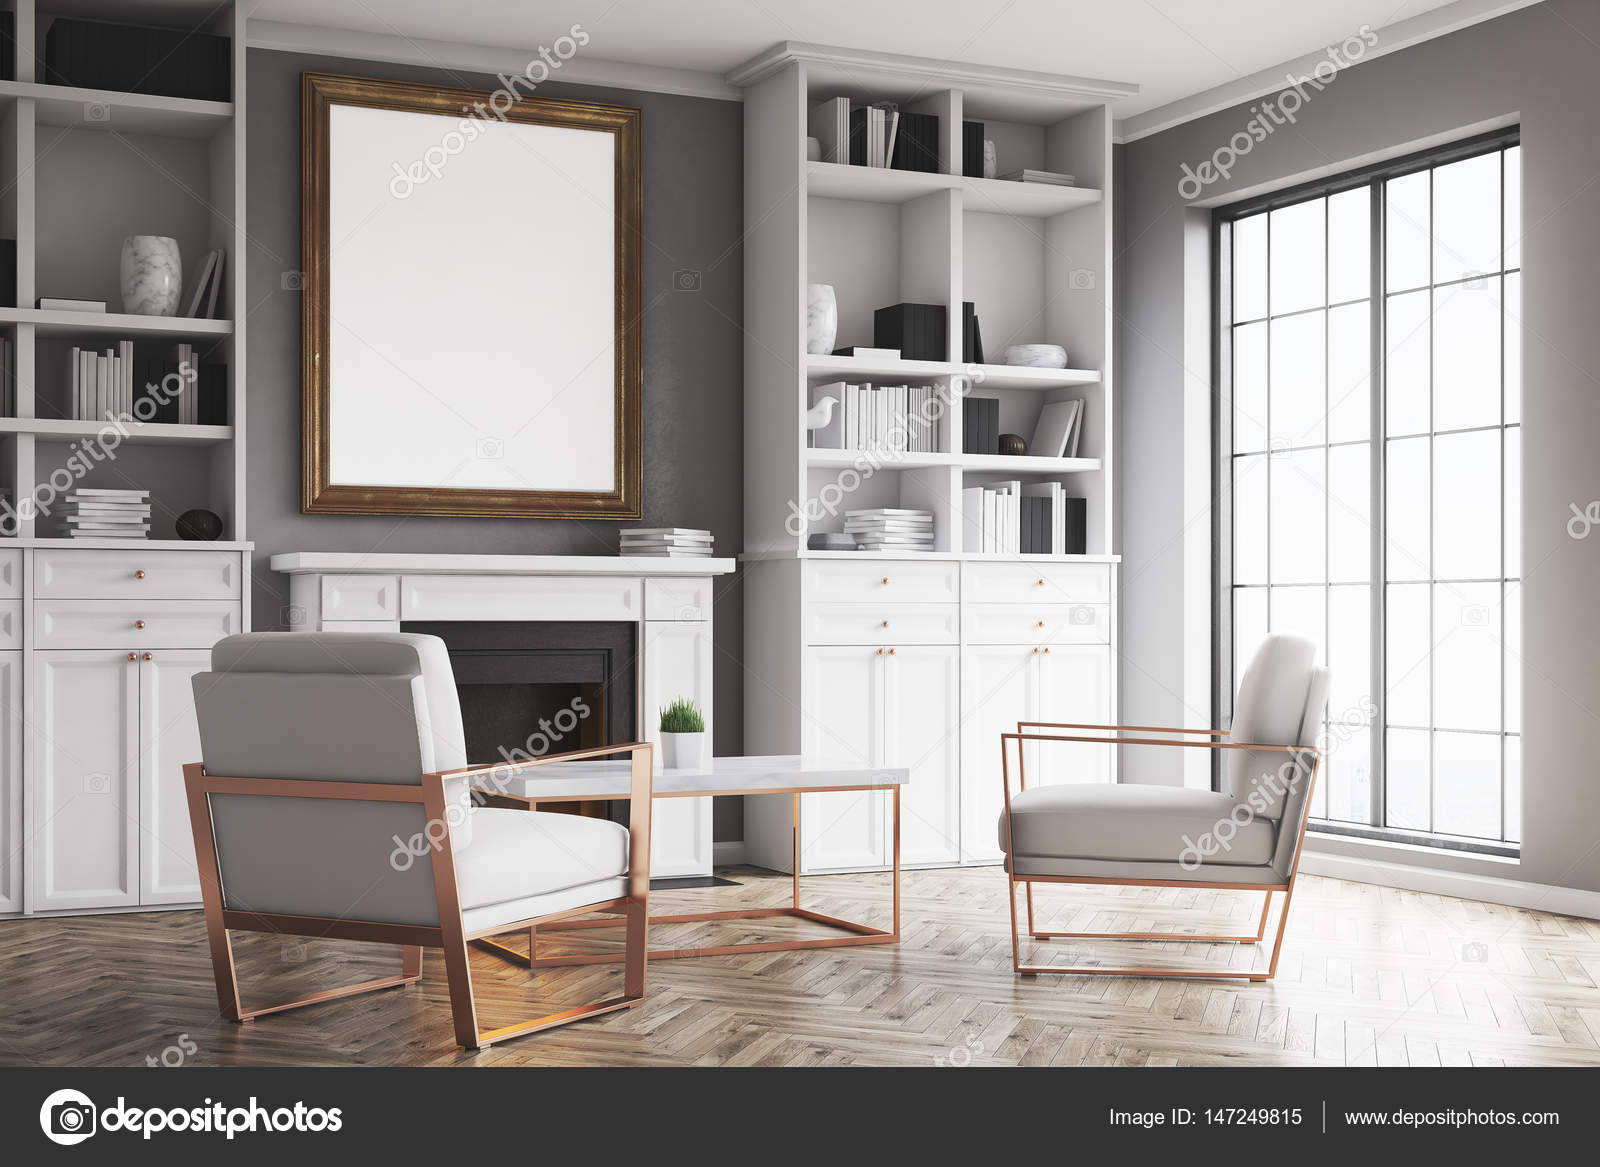 Soggiorno con pareti grigie e una poltrona — Foto Stock ...